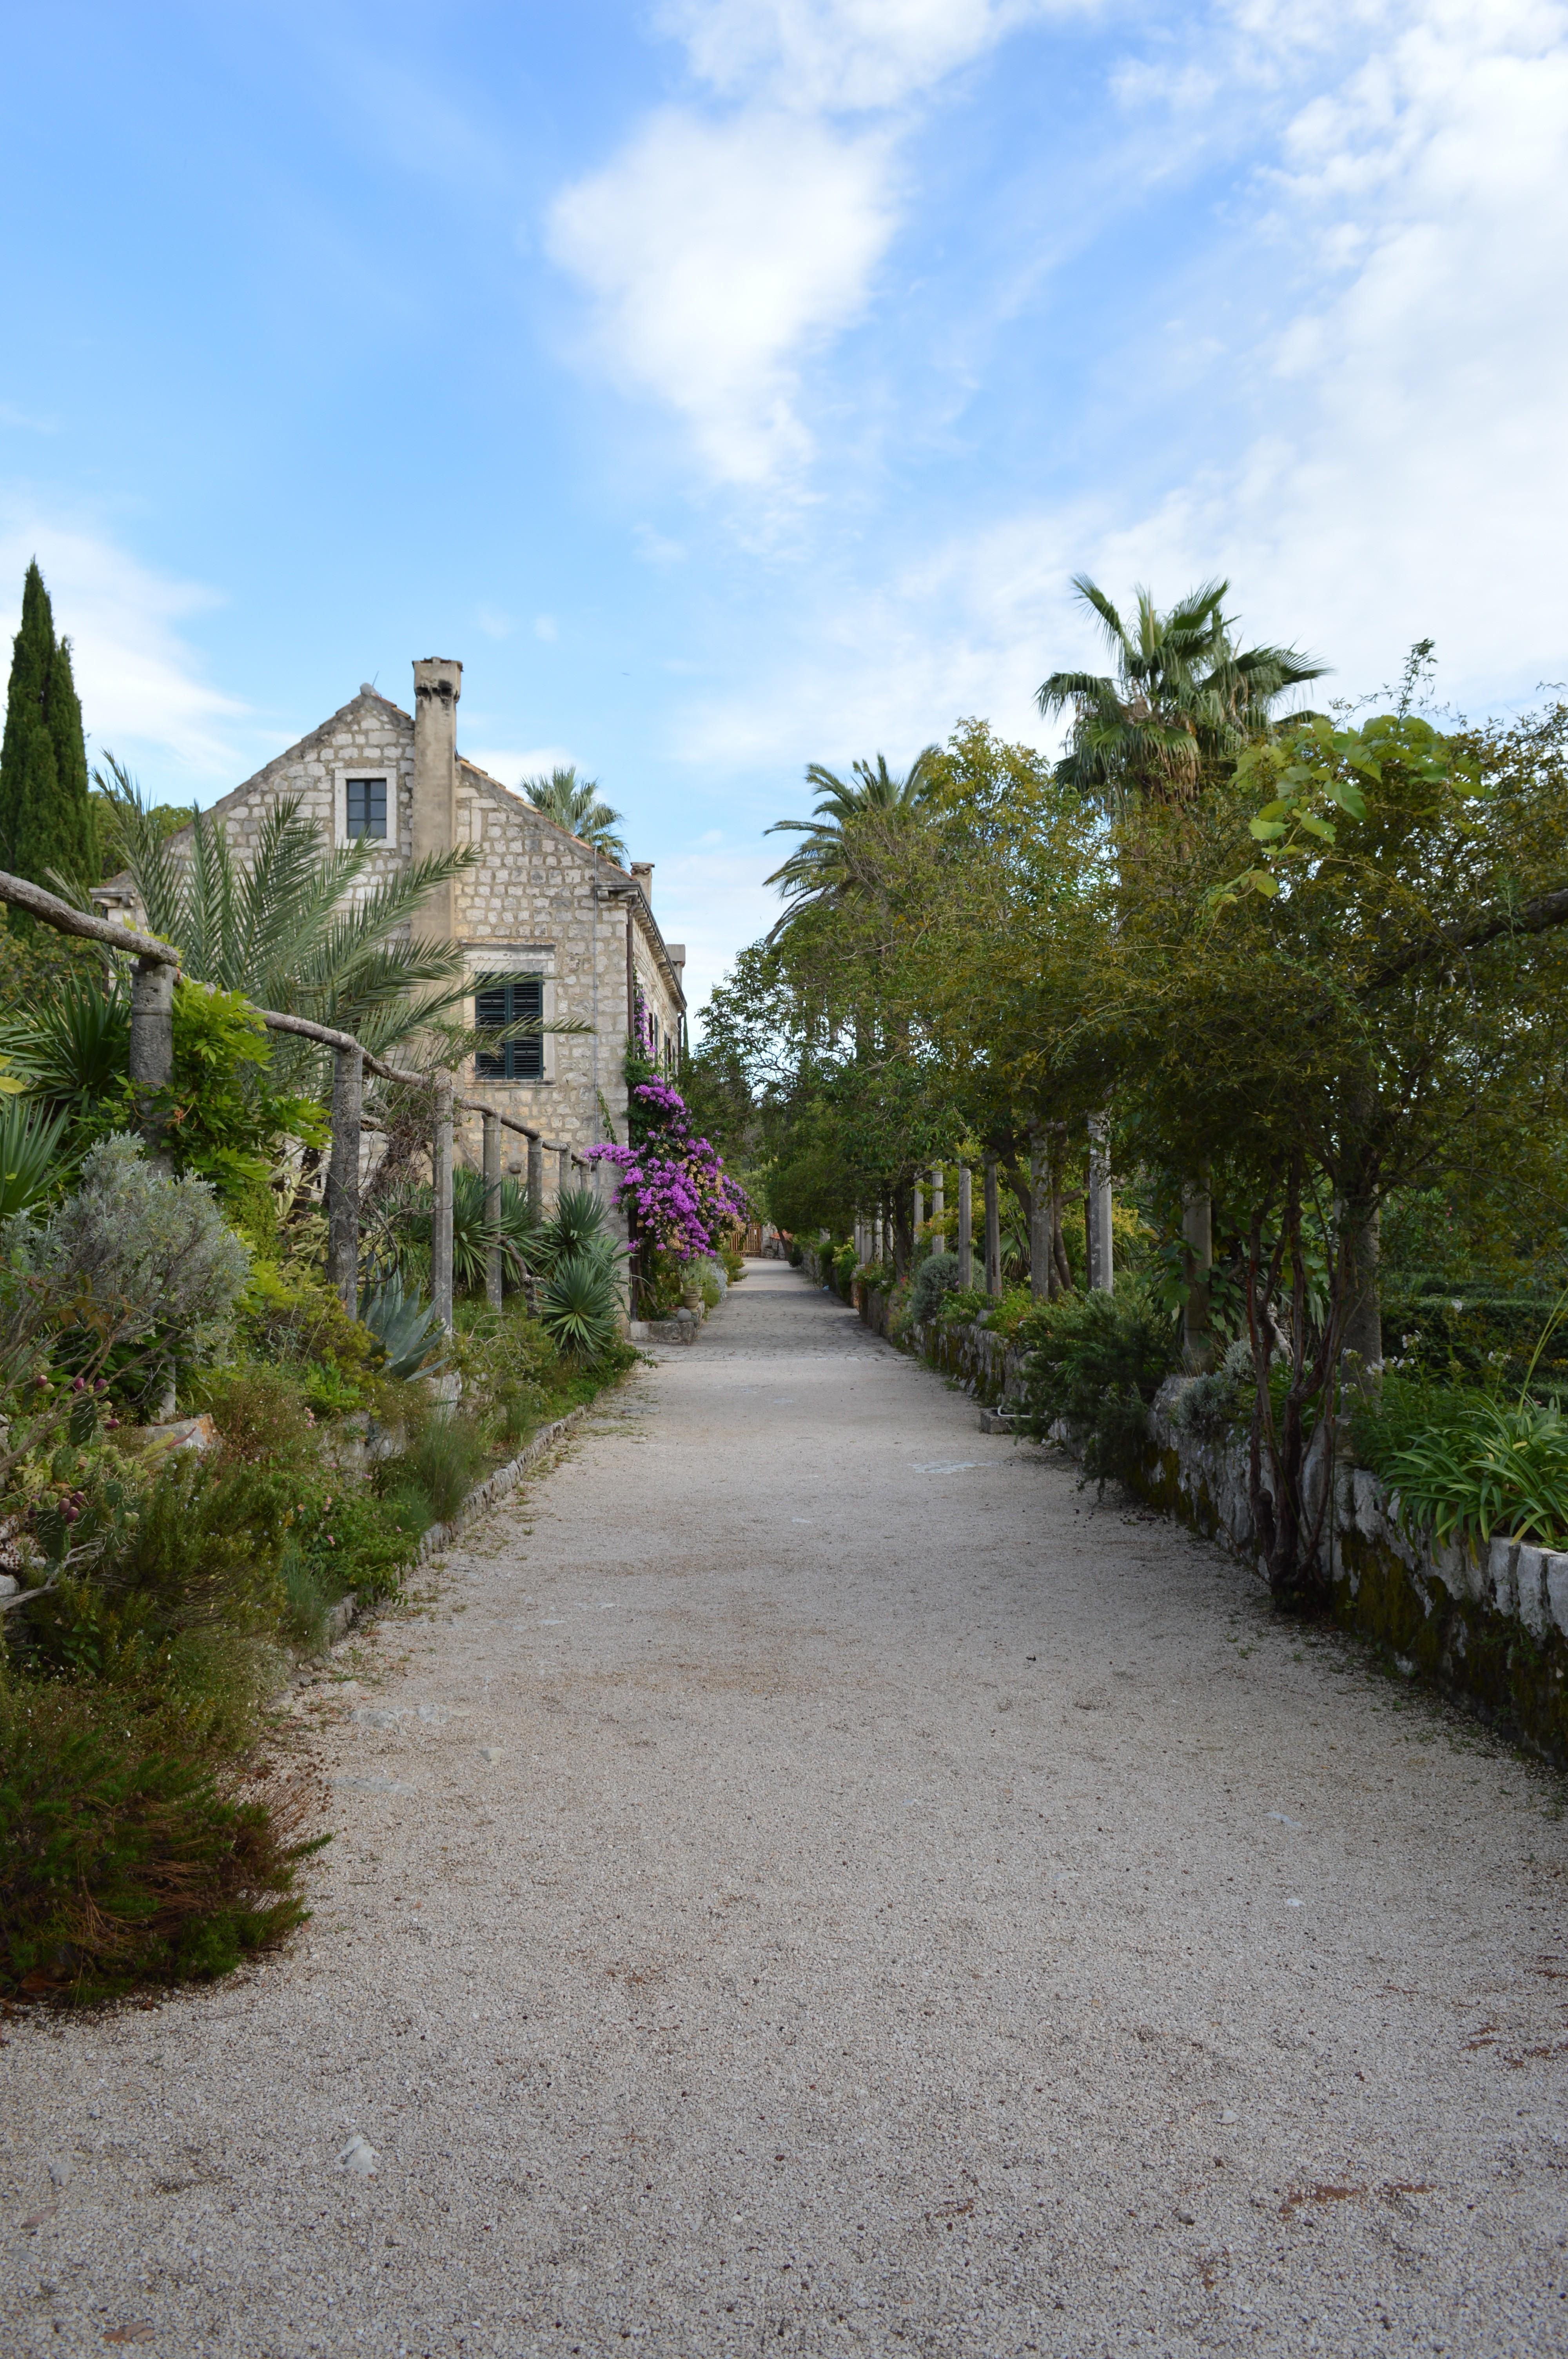 Trsteno Arboretum, Dubrovnik, Croatia - cultivatedrambler.com